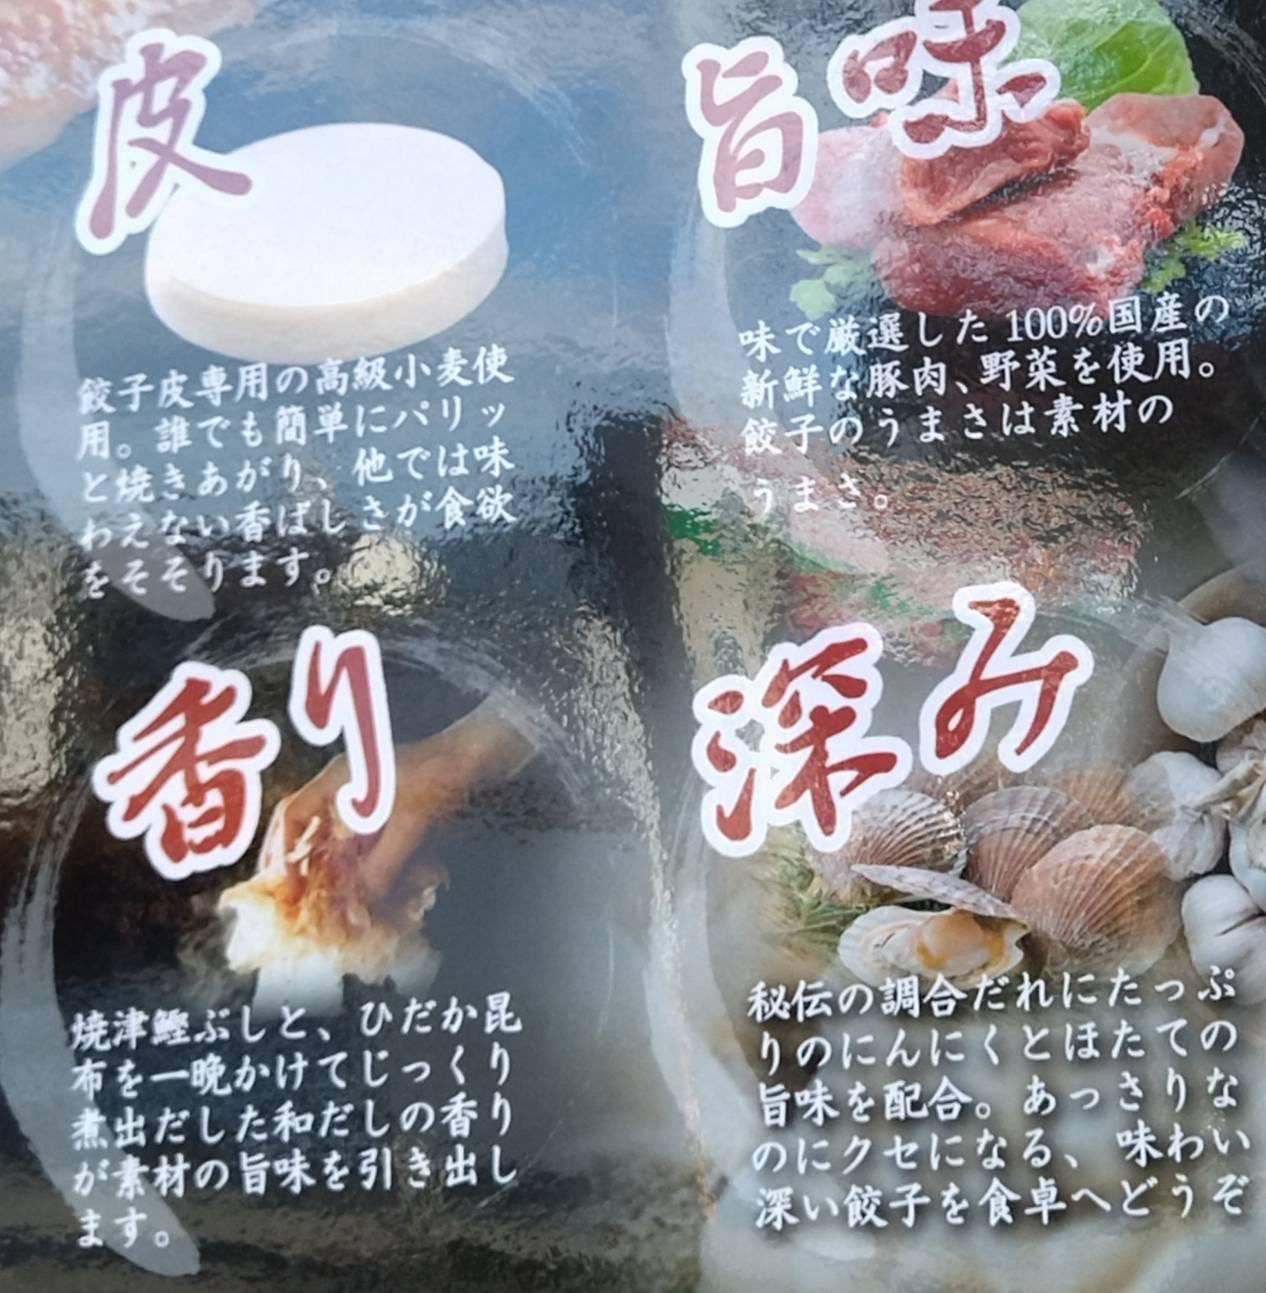 餃子割烹幸之助松戸六高台店無人販売